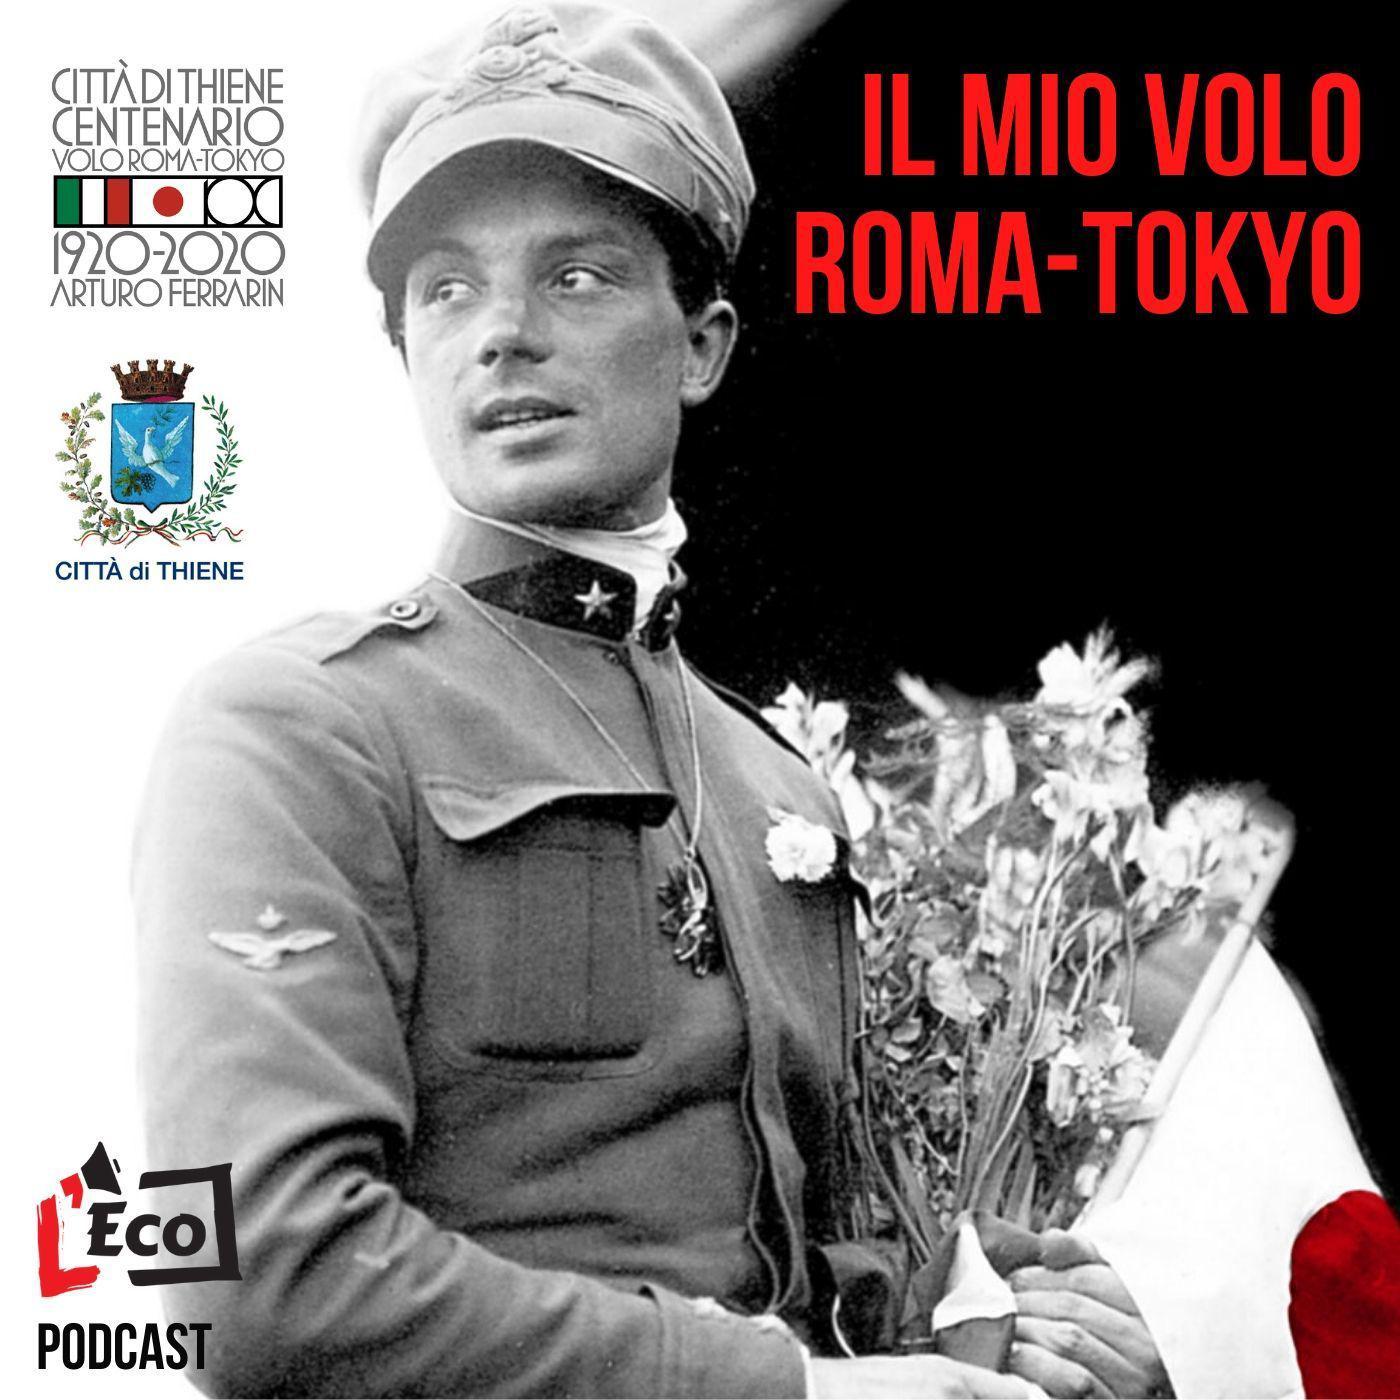 ferrarin il mio volo roma tokyo lqjowtdh0sI d T74H In vacanza con 5 podcast italiani